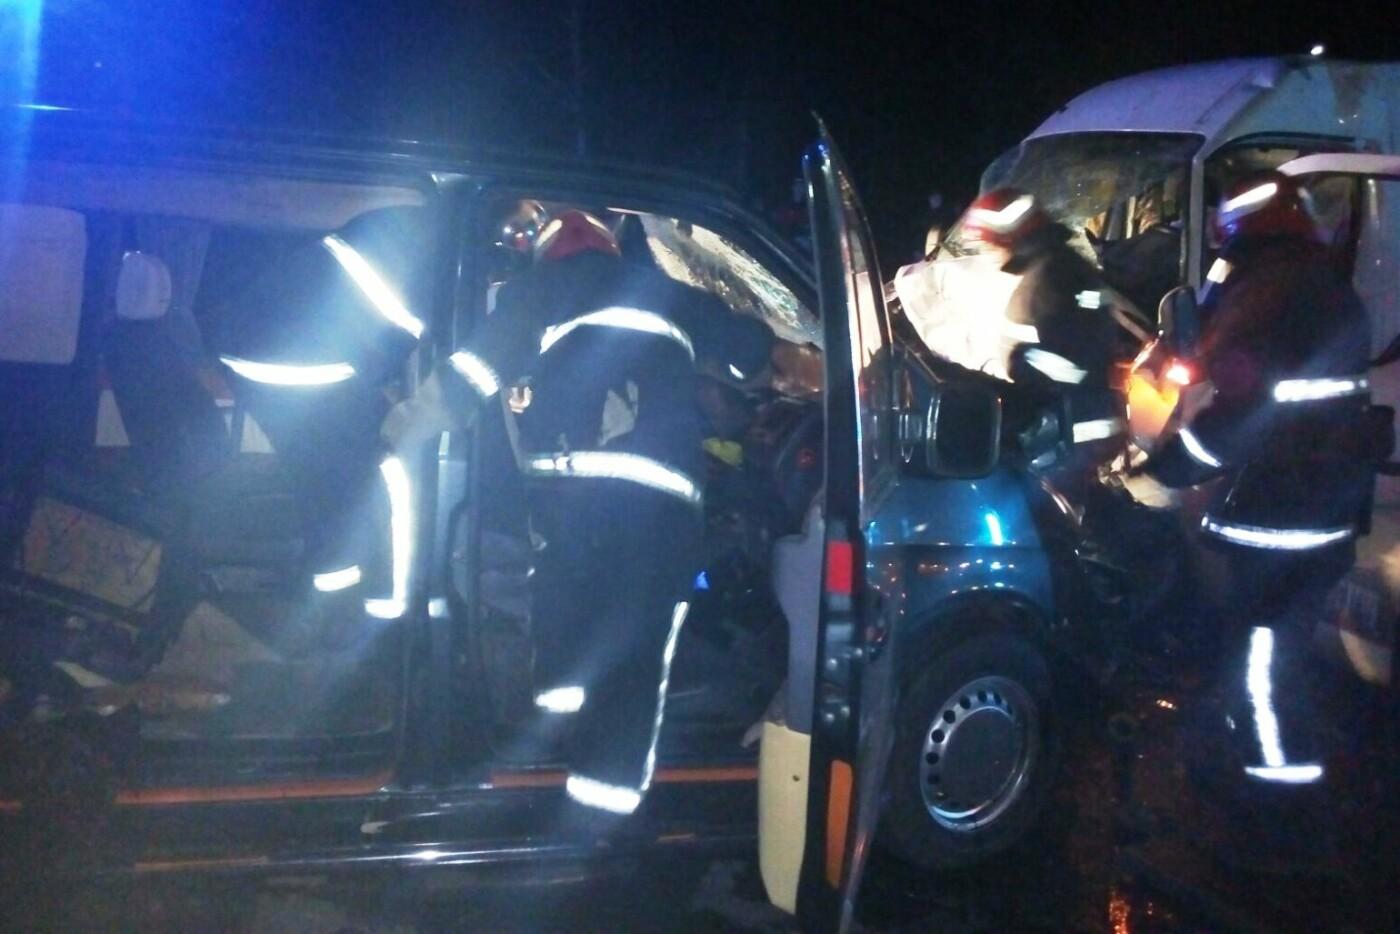 Лобовое столкновение, авто вдребезги и смерть водителя: ДТП на Черниговщине, фото-3